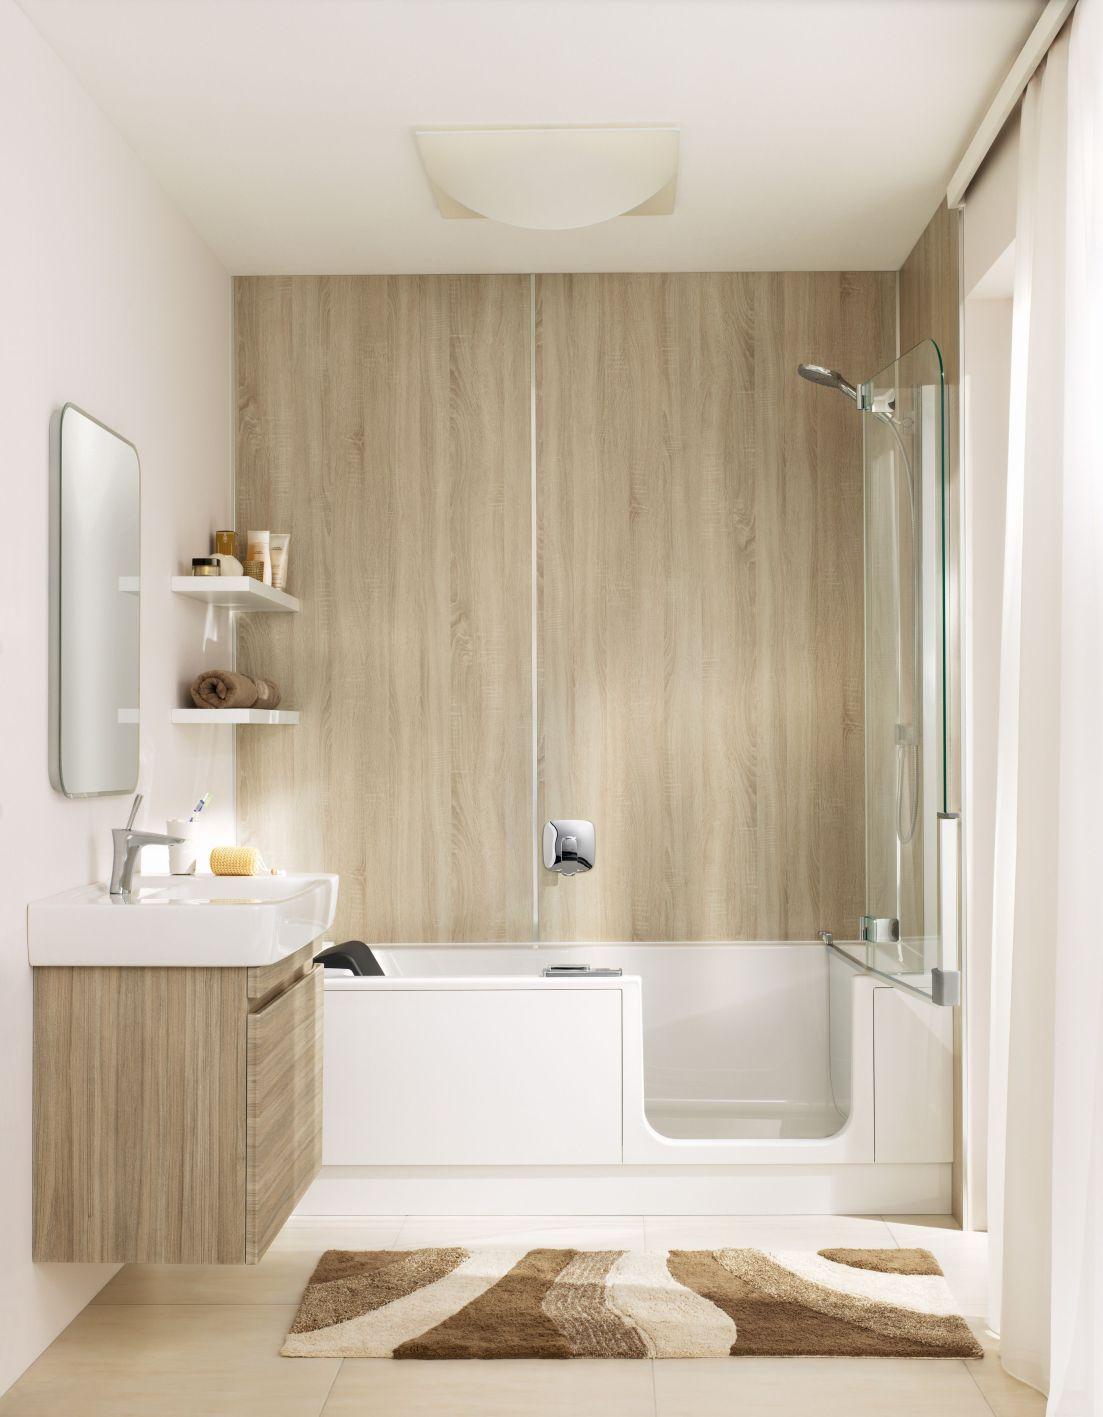 Instapbad met douchedeur met Artclear Glas van Artweger voor douchedeuren en wanden. Stoot water af en vuil krijgt geen kans. #artclear #artweger #douchedeur #instapbad